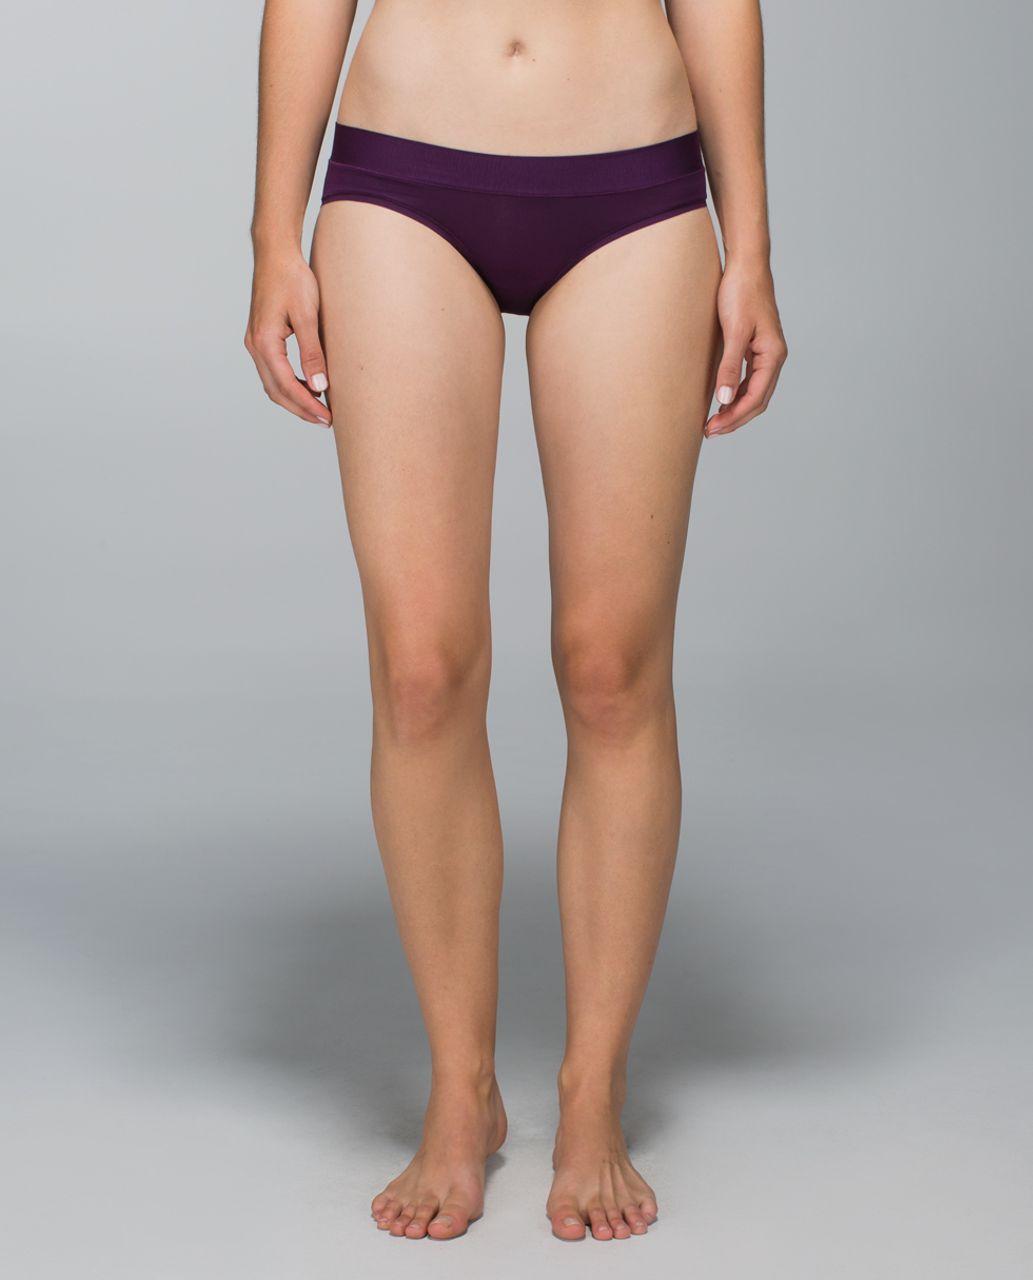 Lululemon Mula Bandhawear Bikini - Berry Yum Yum